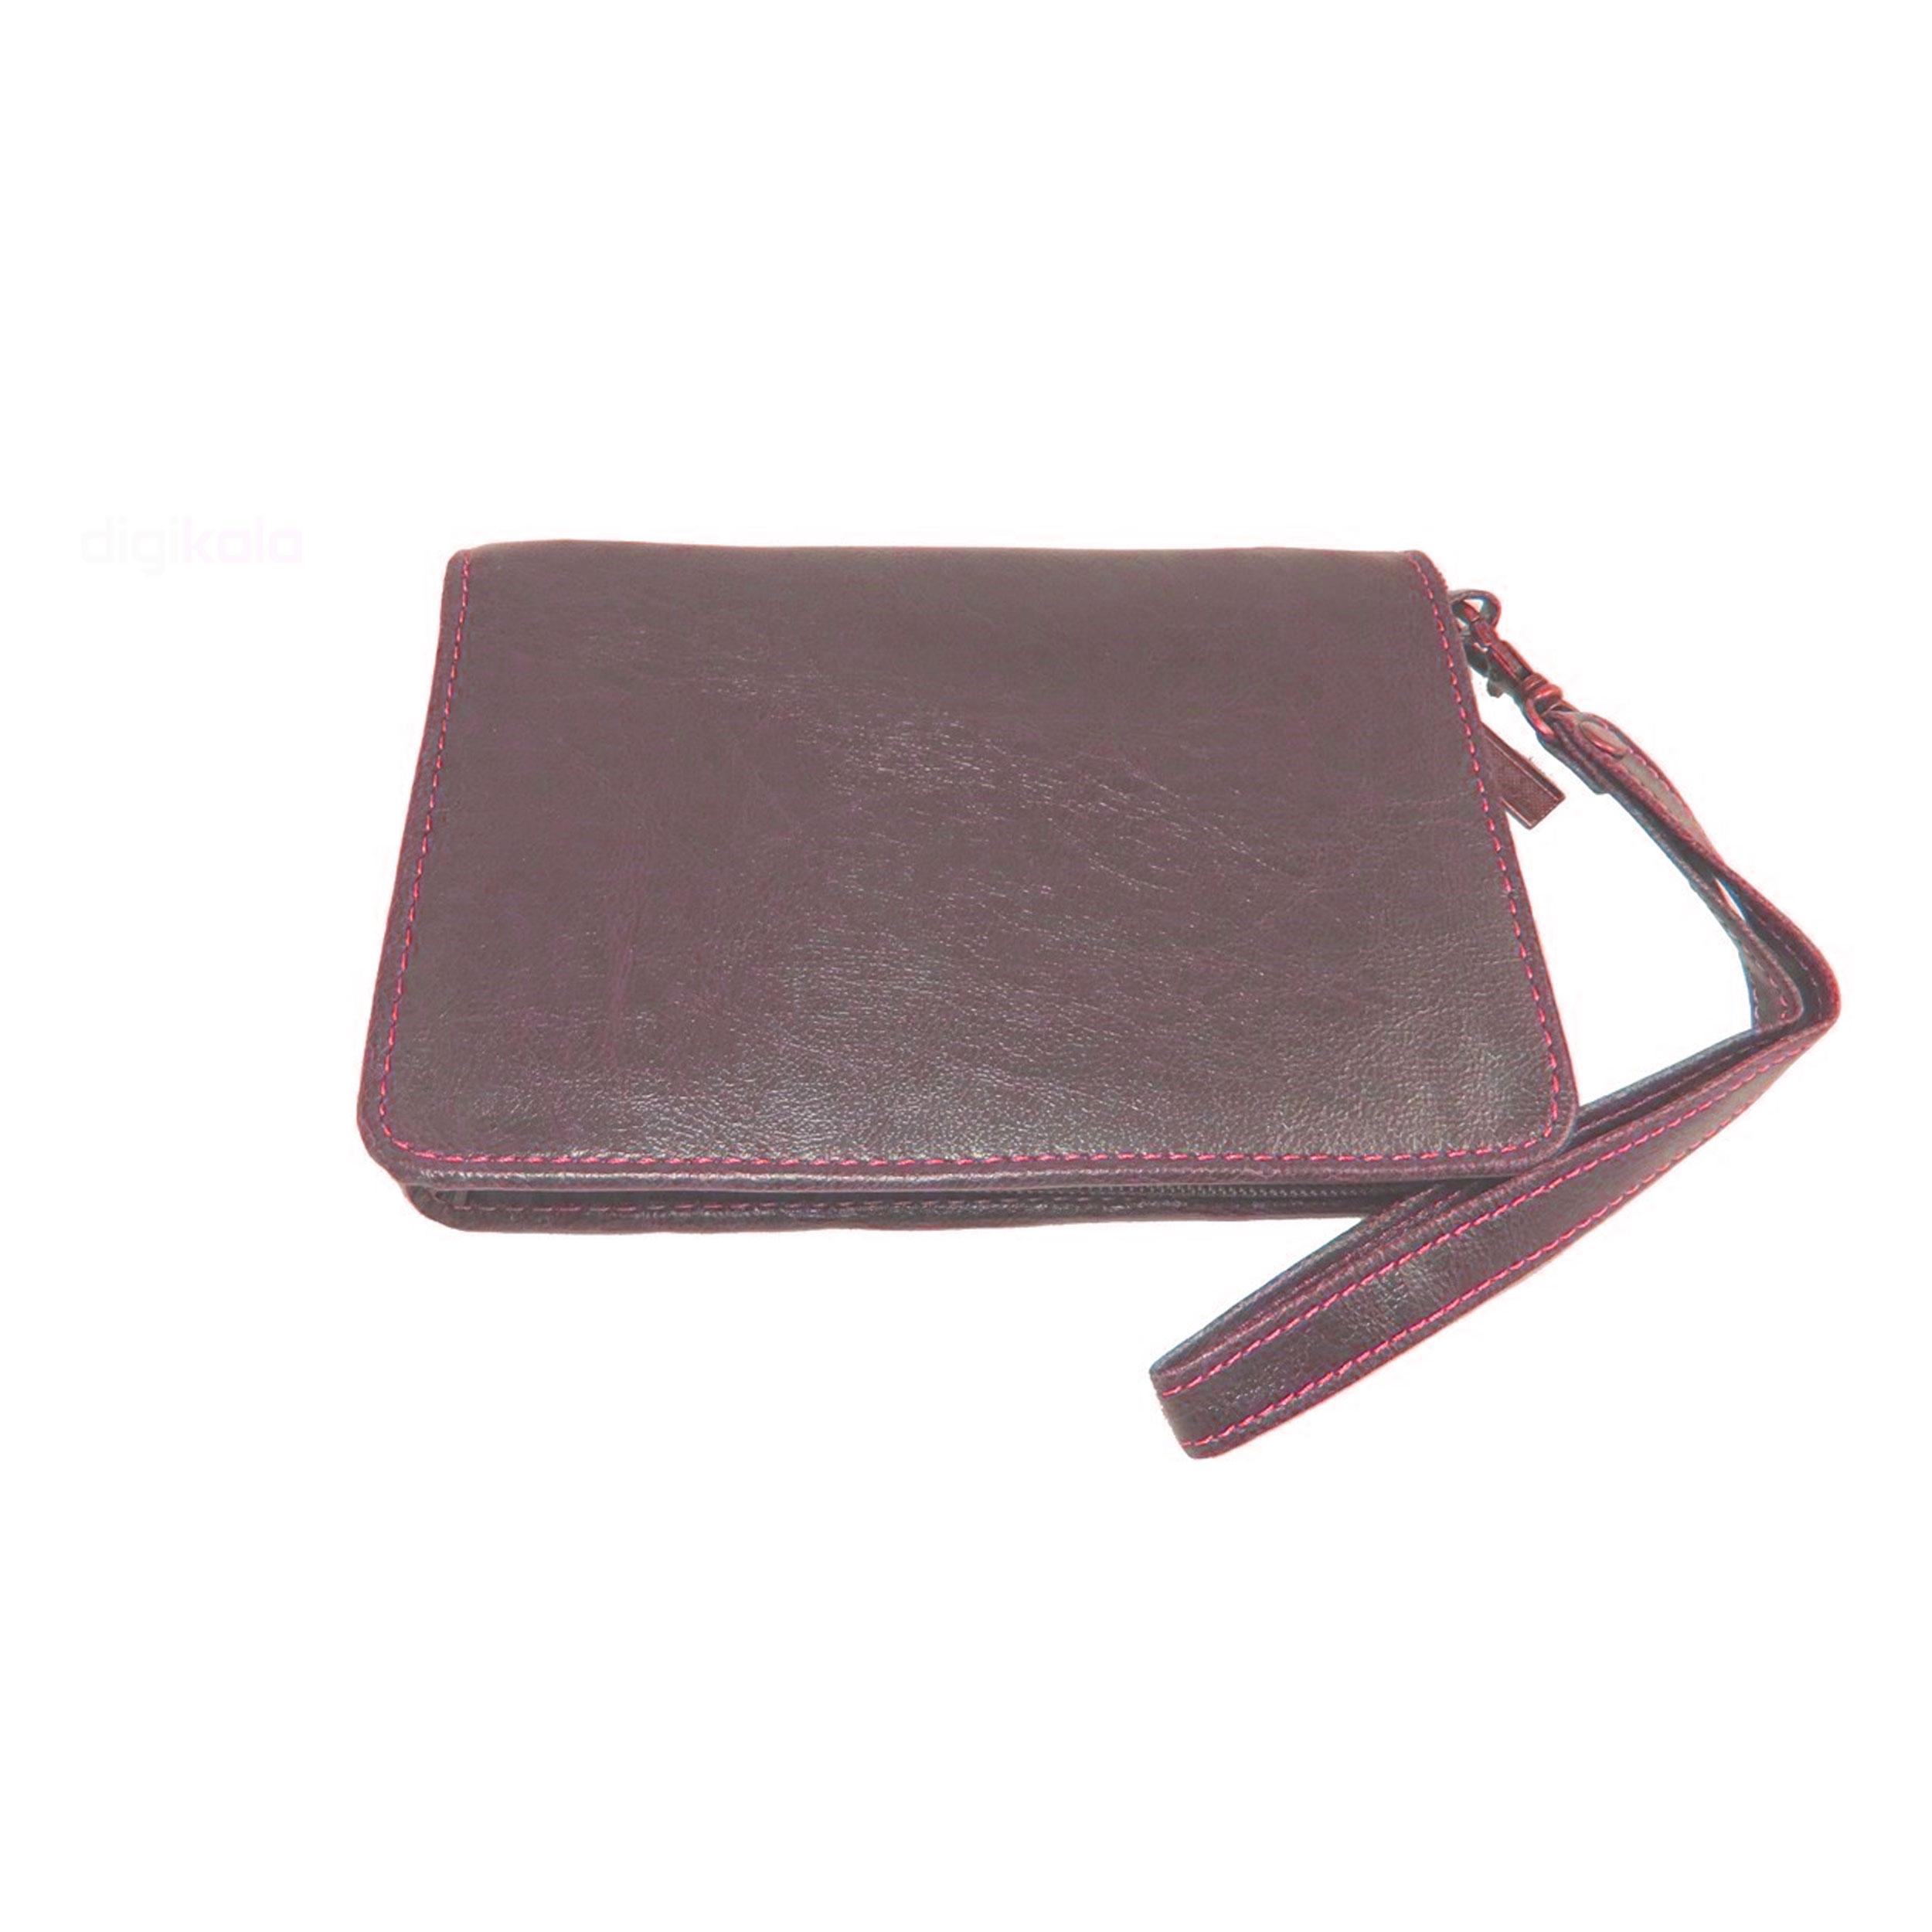 کیف مدارک کد 001 -  - 4